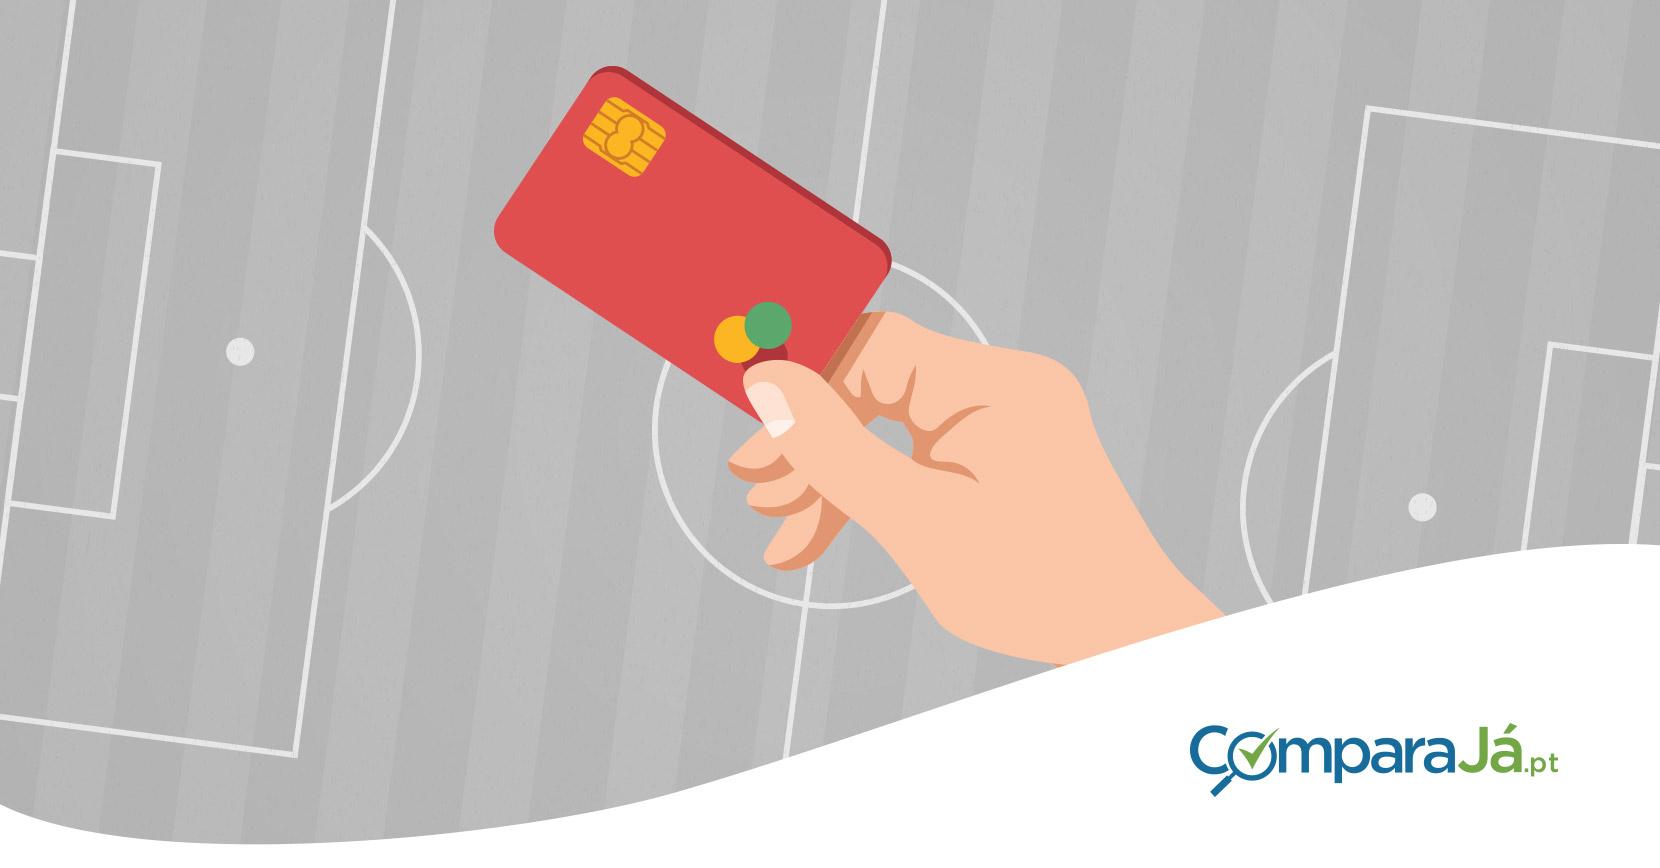 E se os Jogadores da Seleção Nacional Fossem Cartões de Crédito?